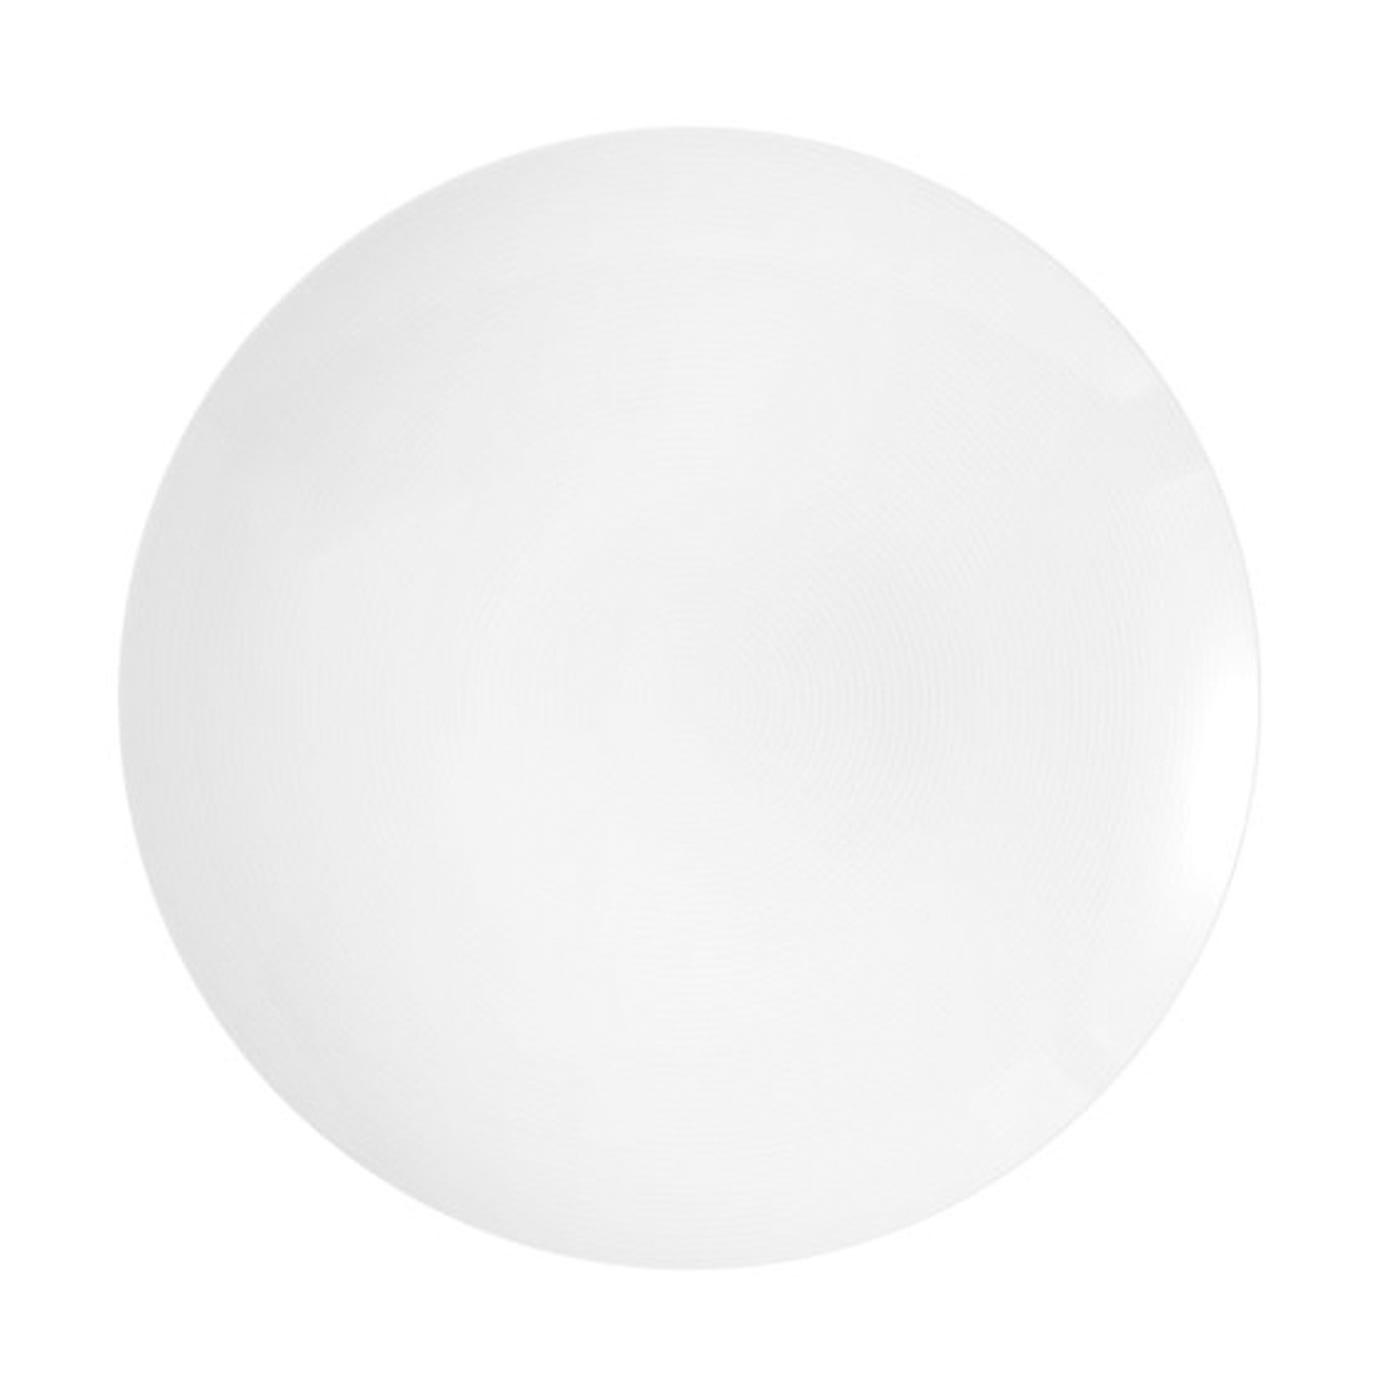 Loft White Dinner Plate